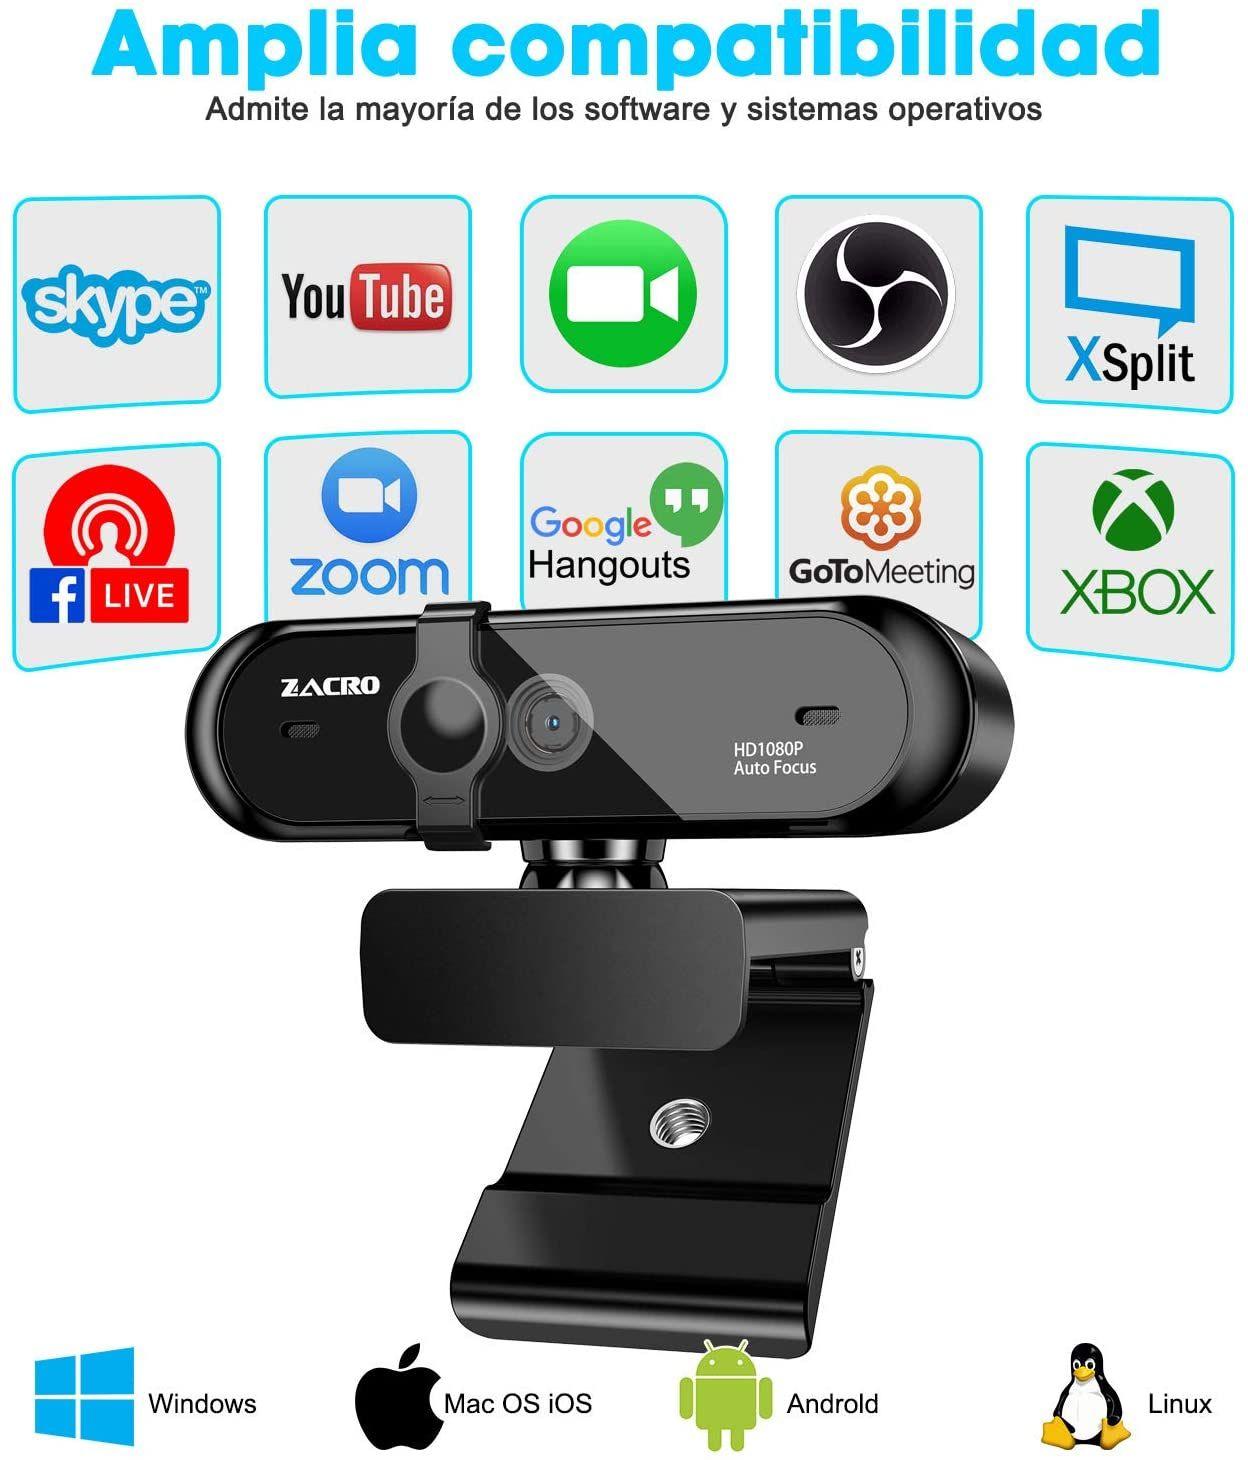 Webcam zacro 1080P con cubierta de privacidad y microfono aplicar cupon y usar codigo